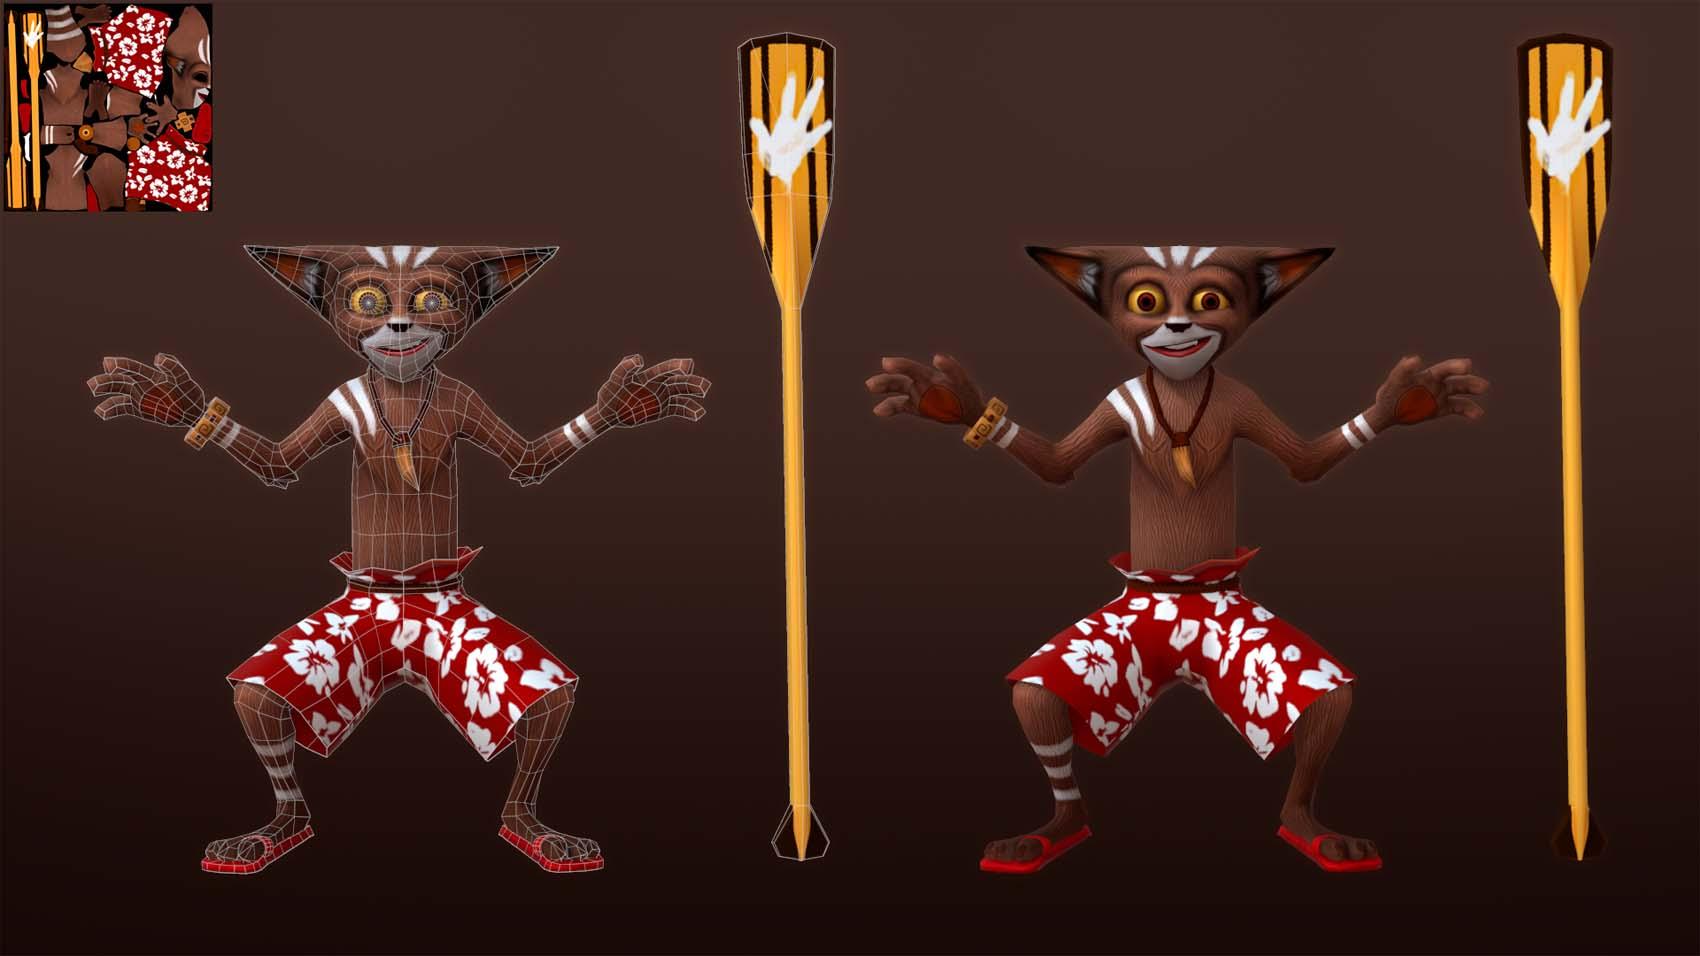 Lemur | 3D 2D Artist.Game Low-poly,sculpting (Персонажи,окружение и тд)